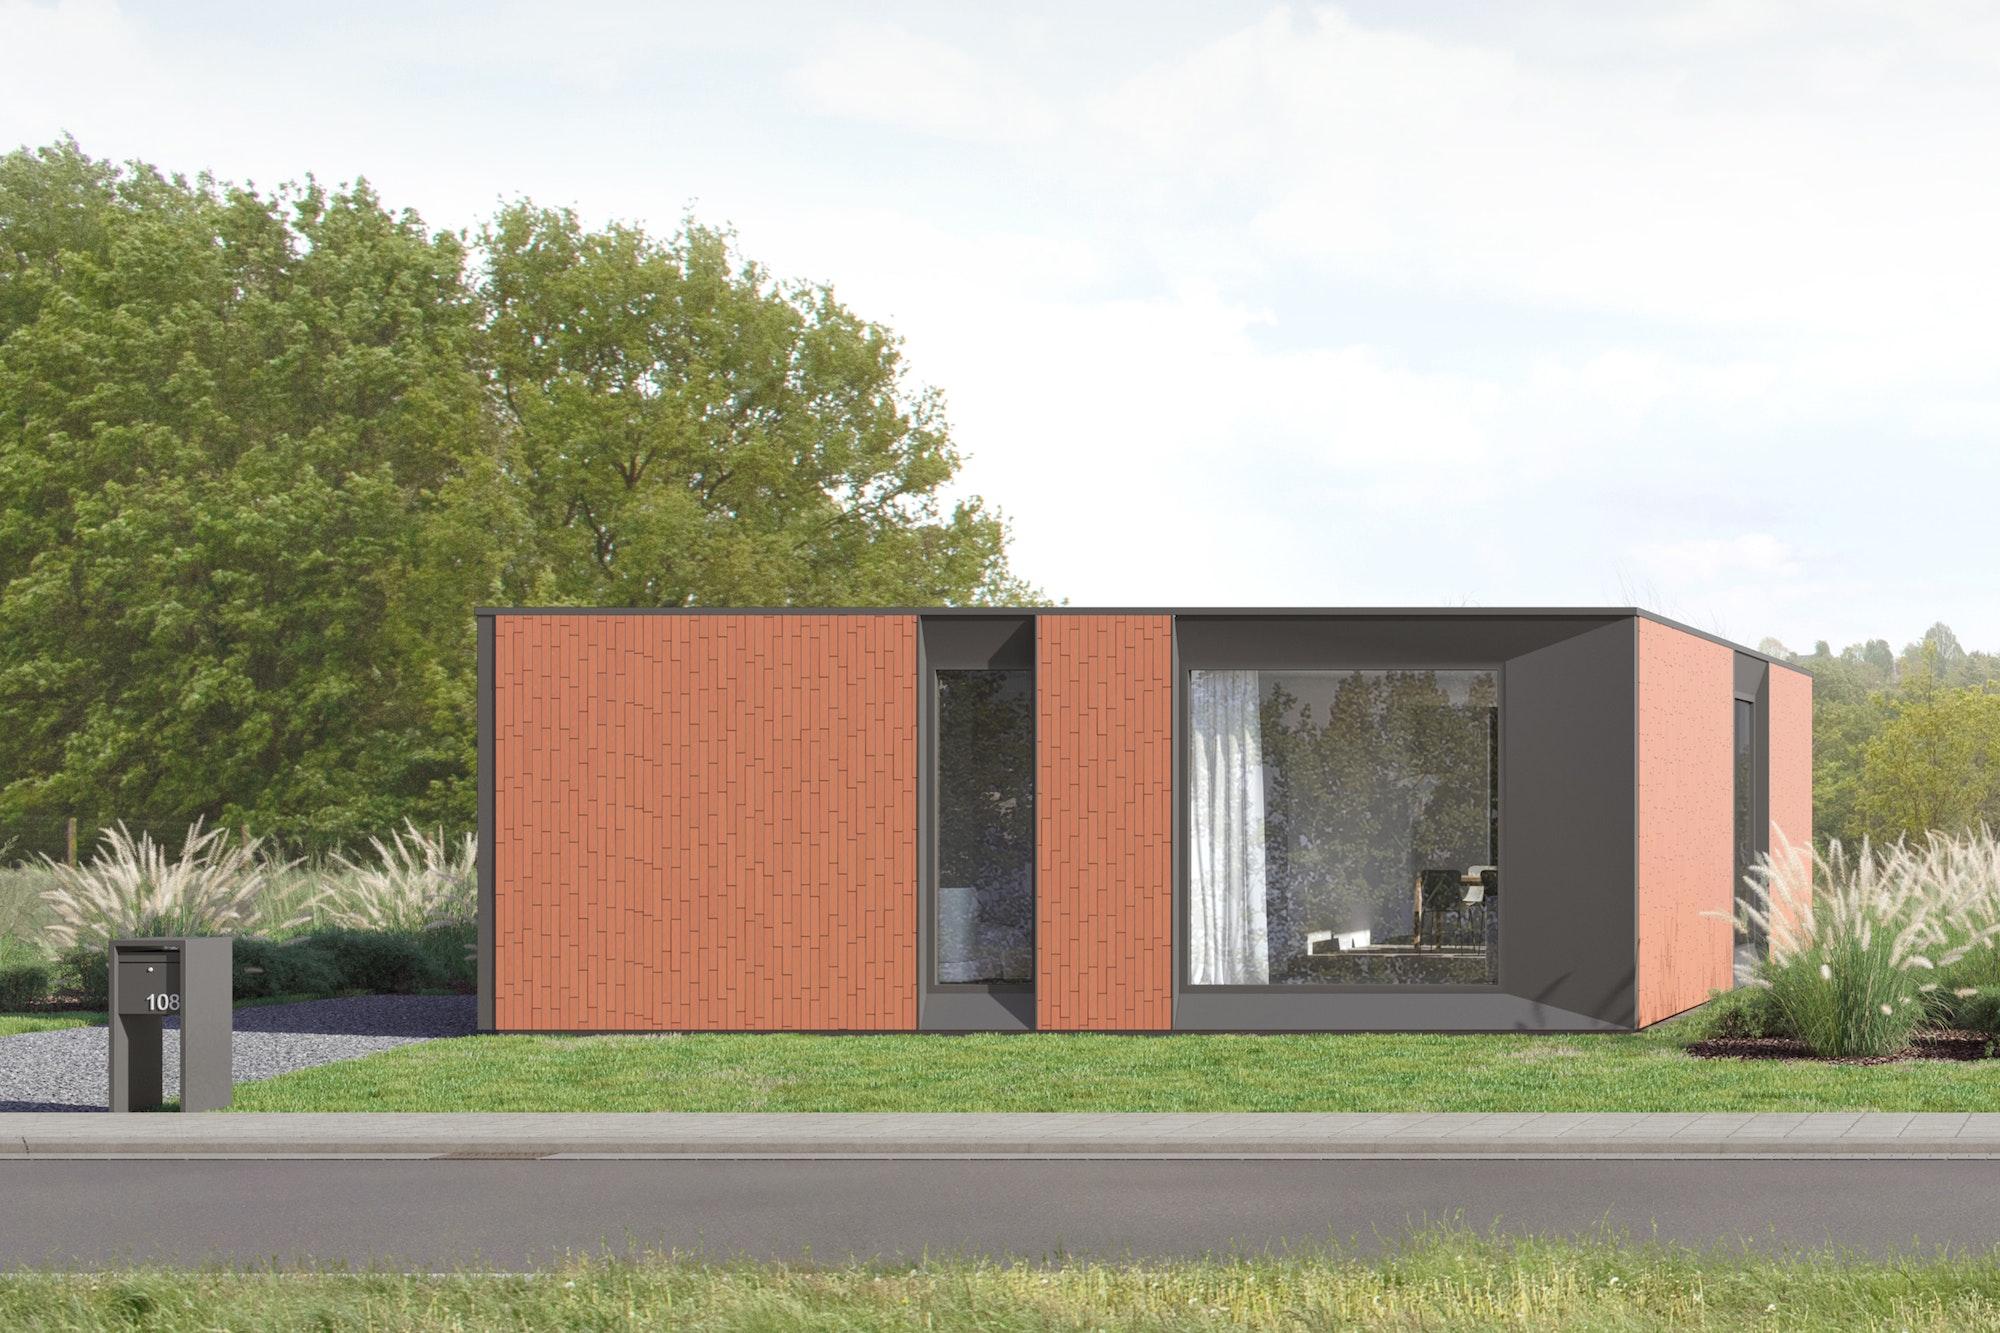 Skilpod #108 — houtskeletbouw bungalow woning met 2 slaapkamers, modern design met rode steen